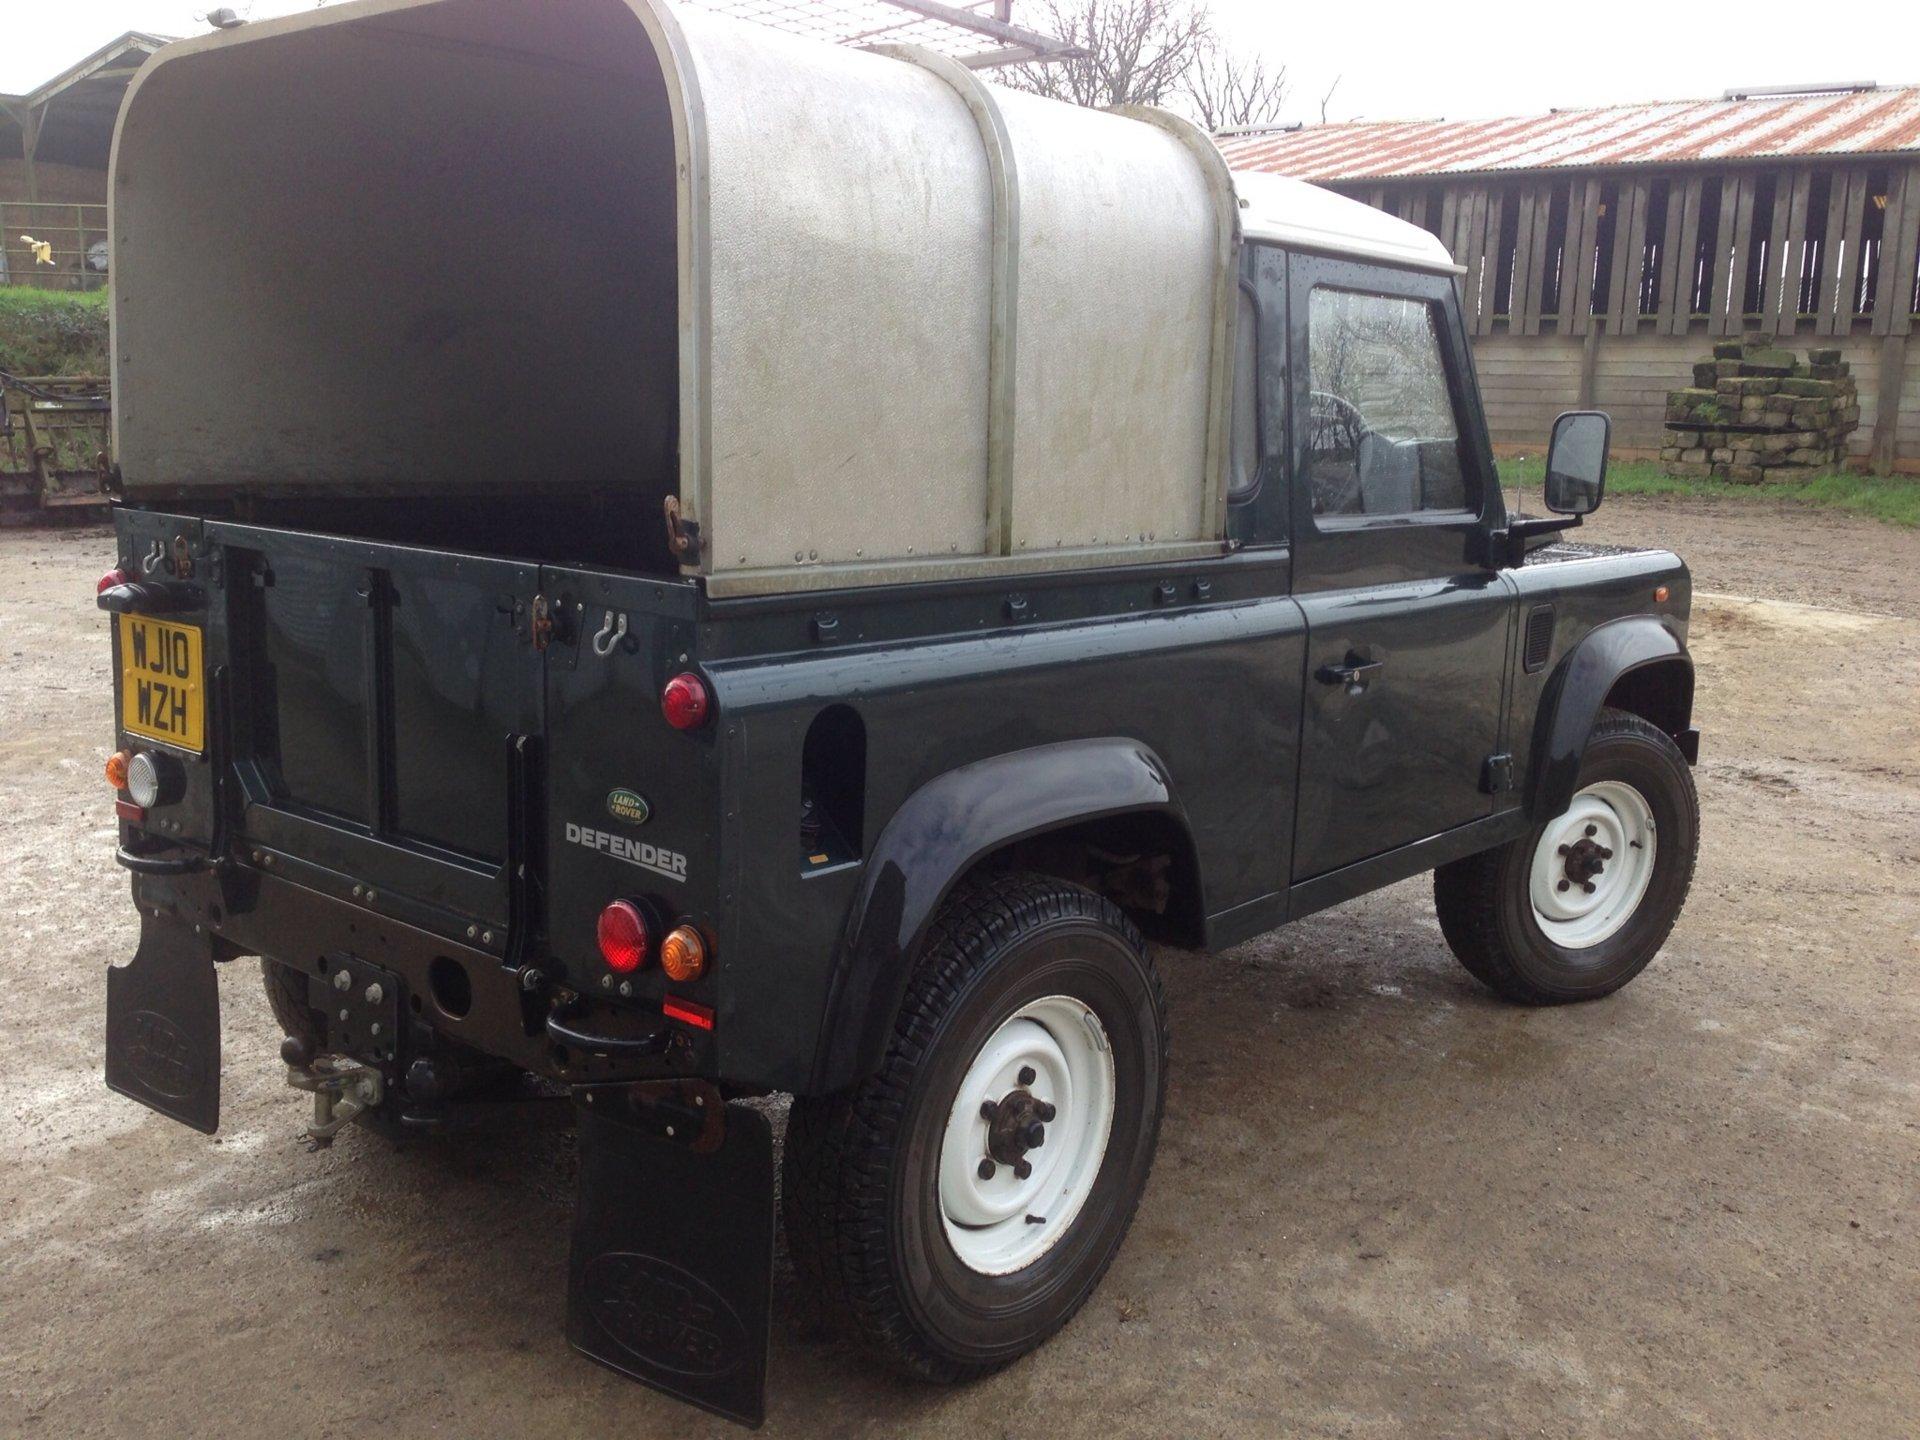 2010 land rover defender 90 pick up the farming forum. Black Bedroom Furniture Sets. Home Design Ideas